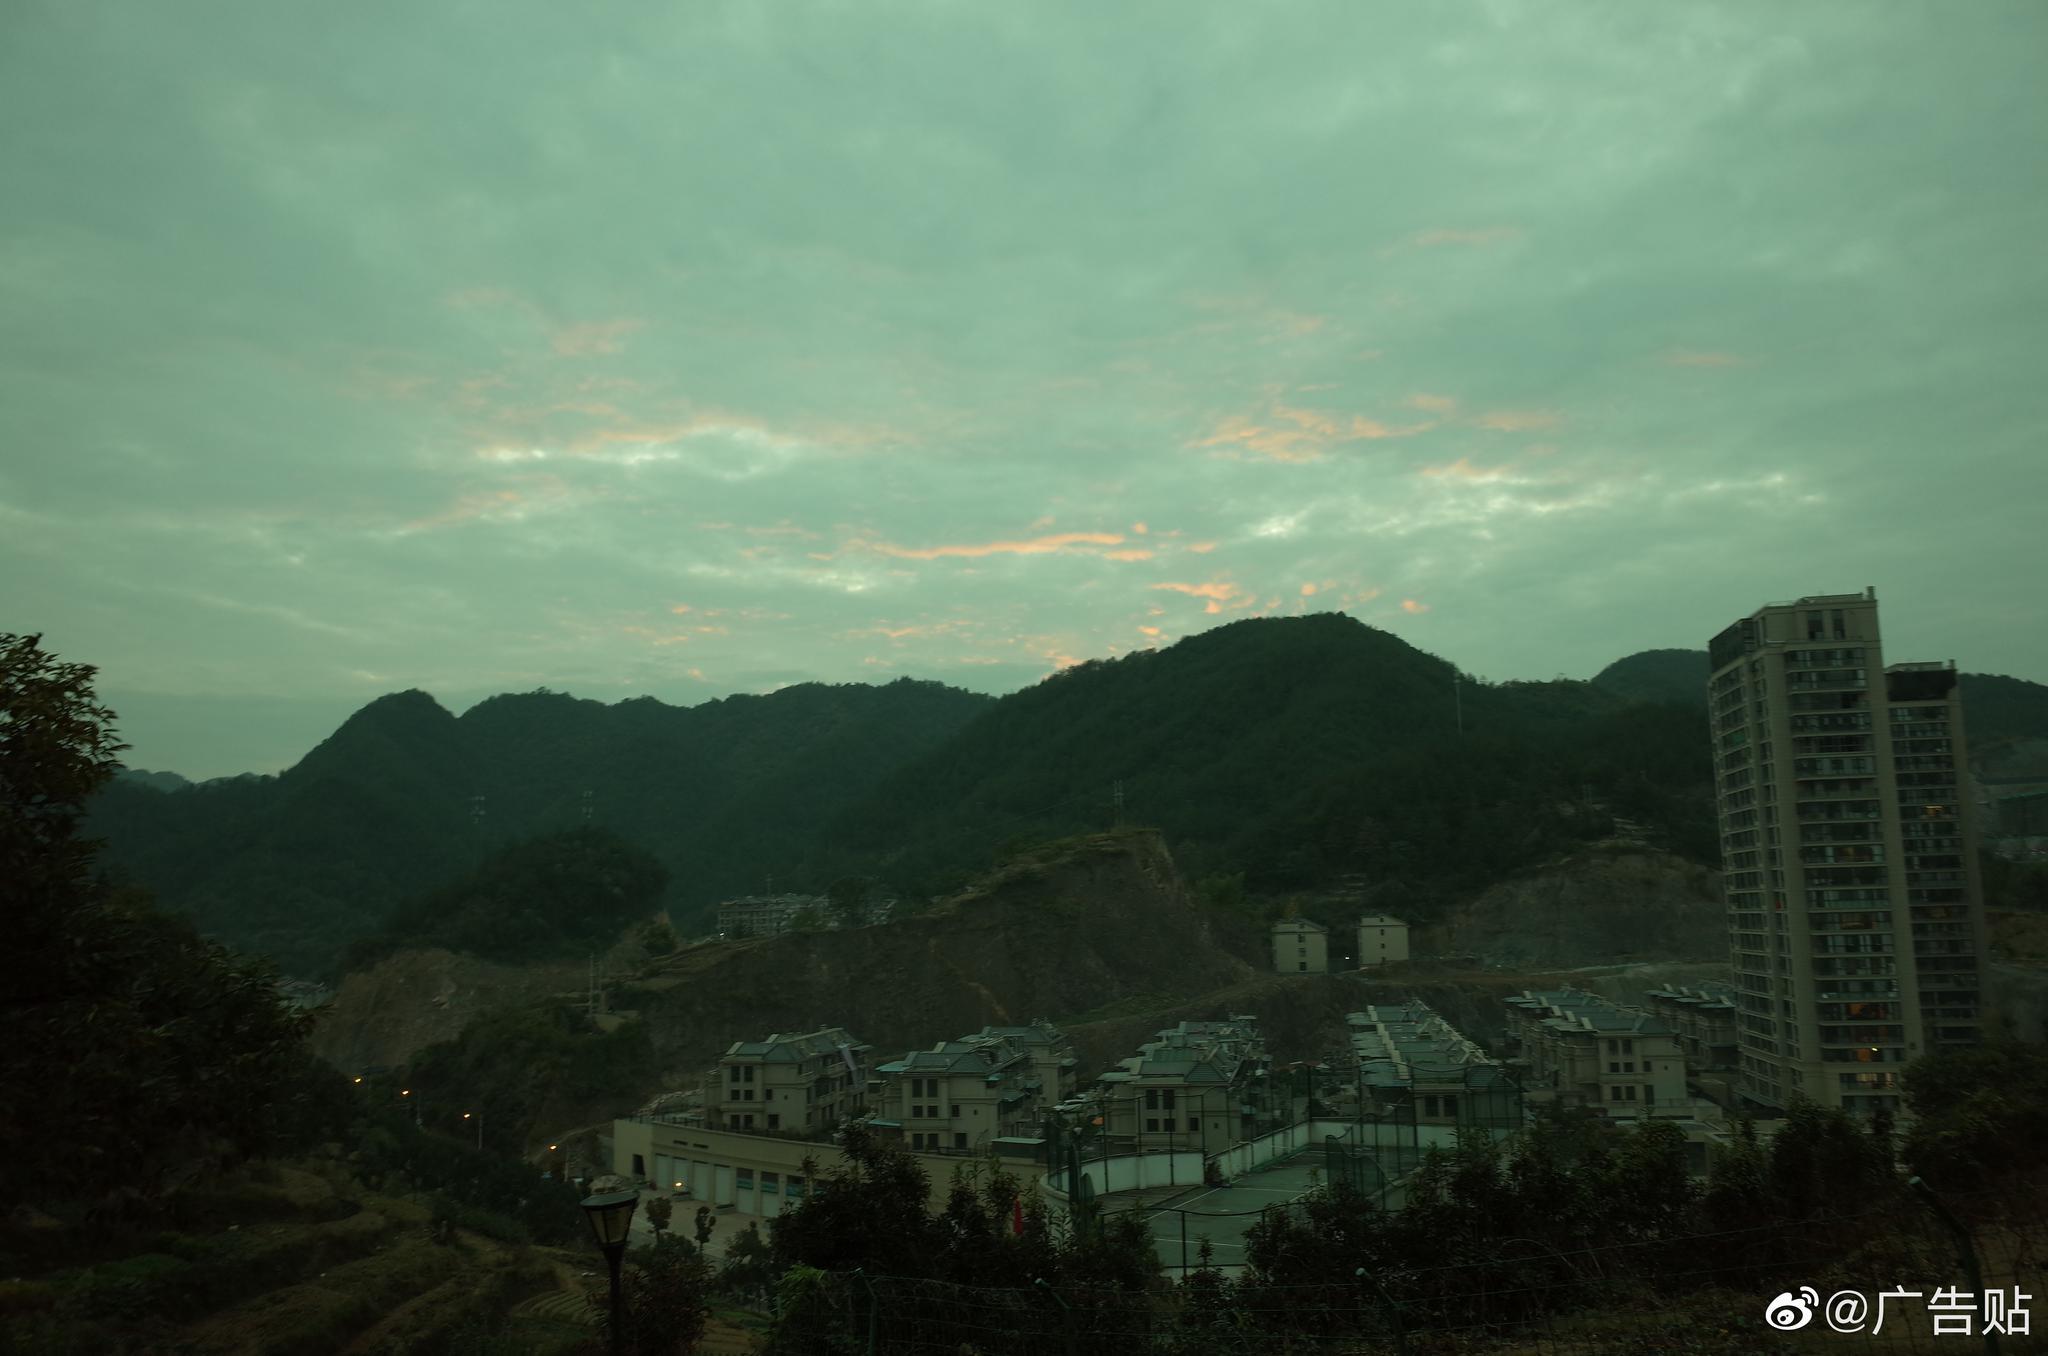 夜幕降临,爬爬花台山,看看安文夜景。